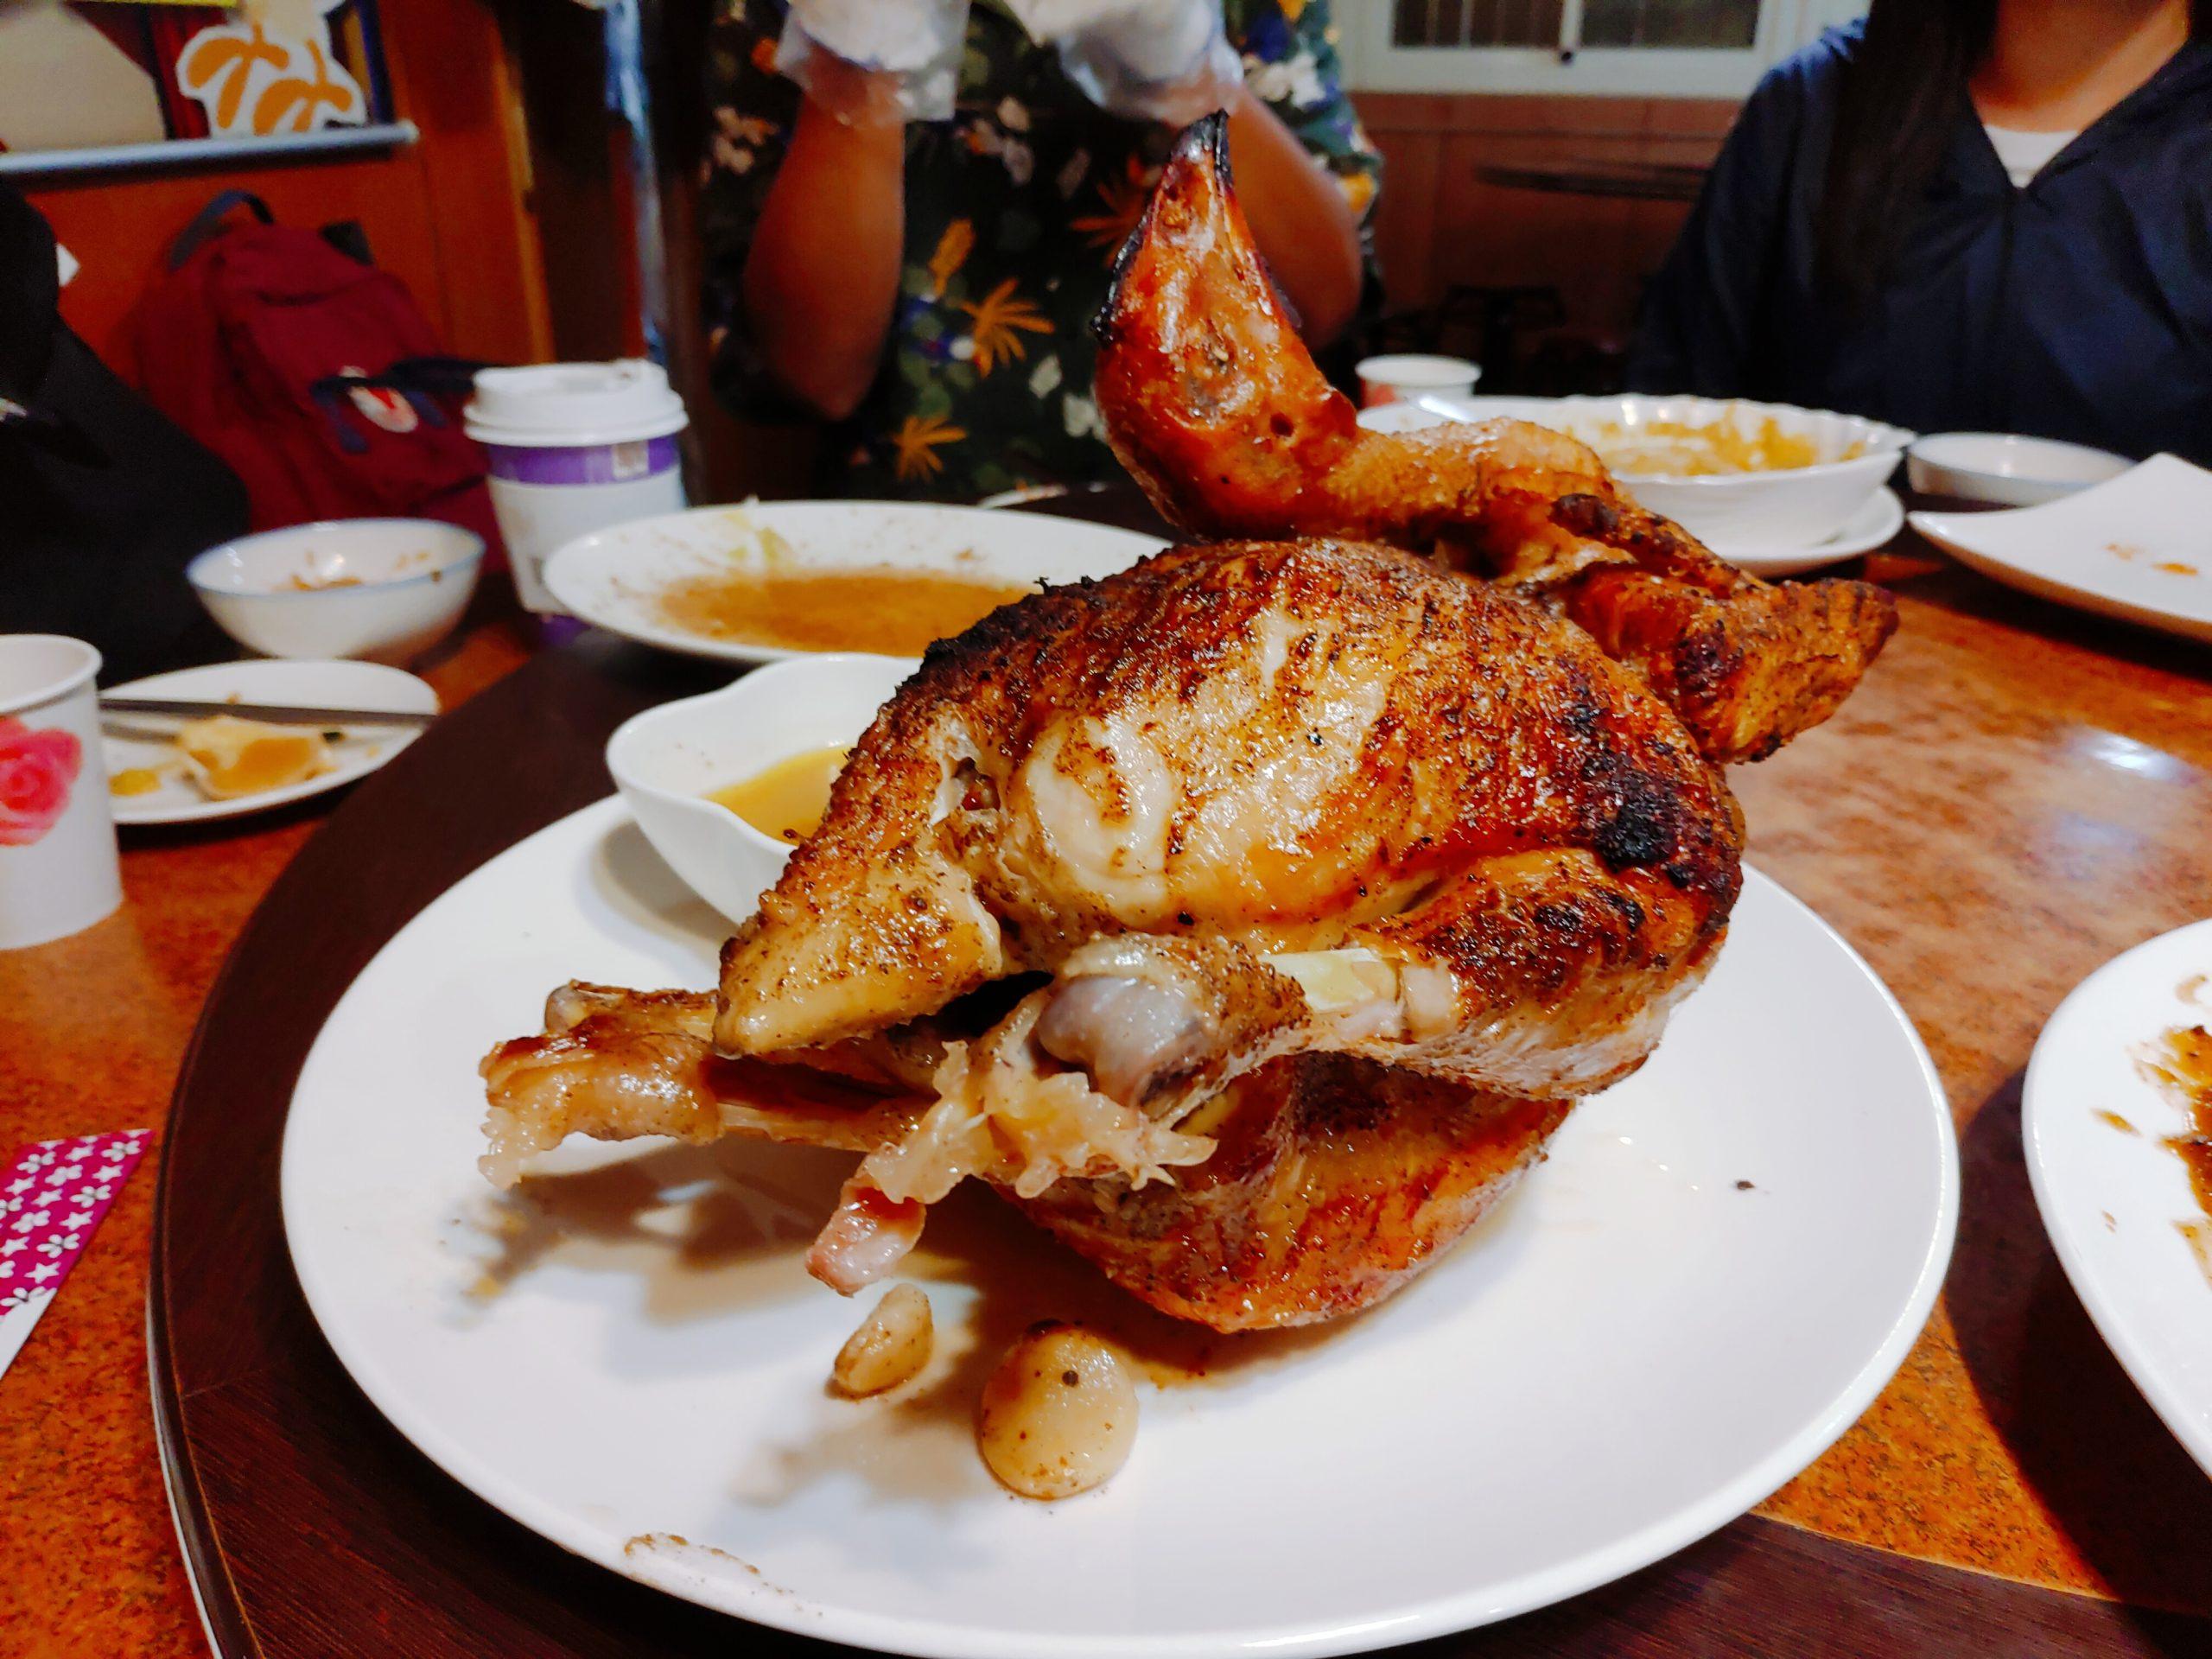 【花蓮東里】雞(G)九屋特製私房菜|全東里最推的創意無菜單料理